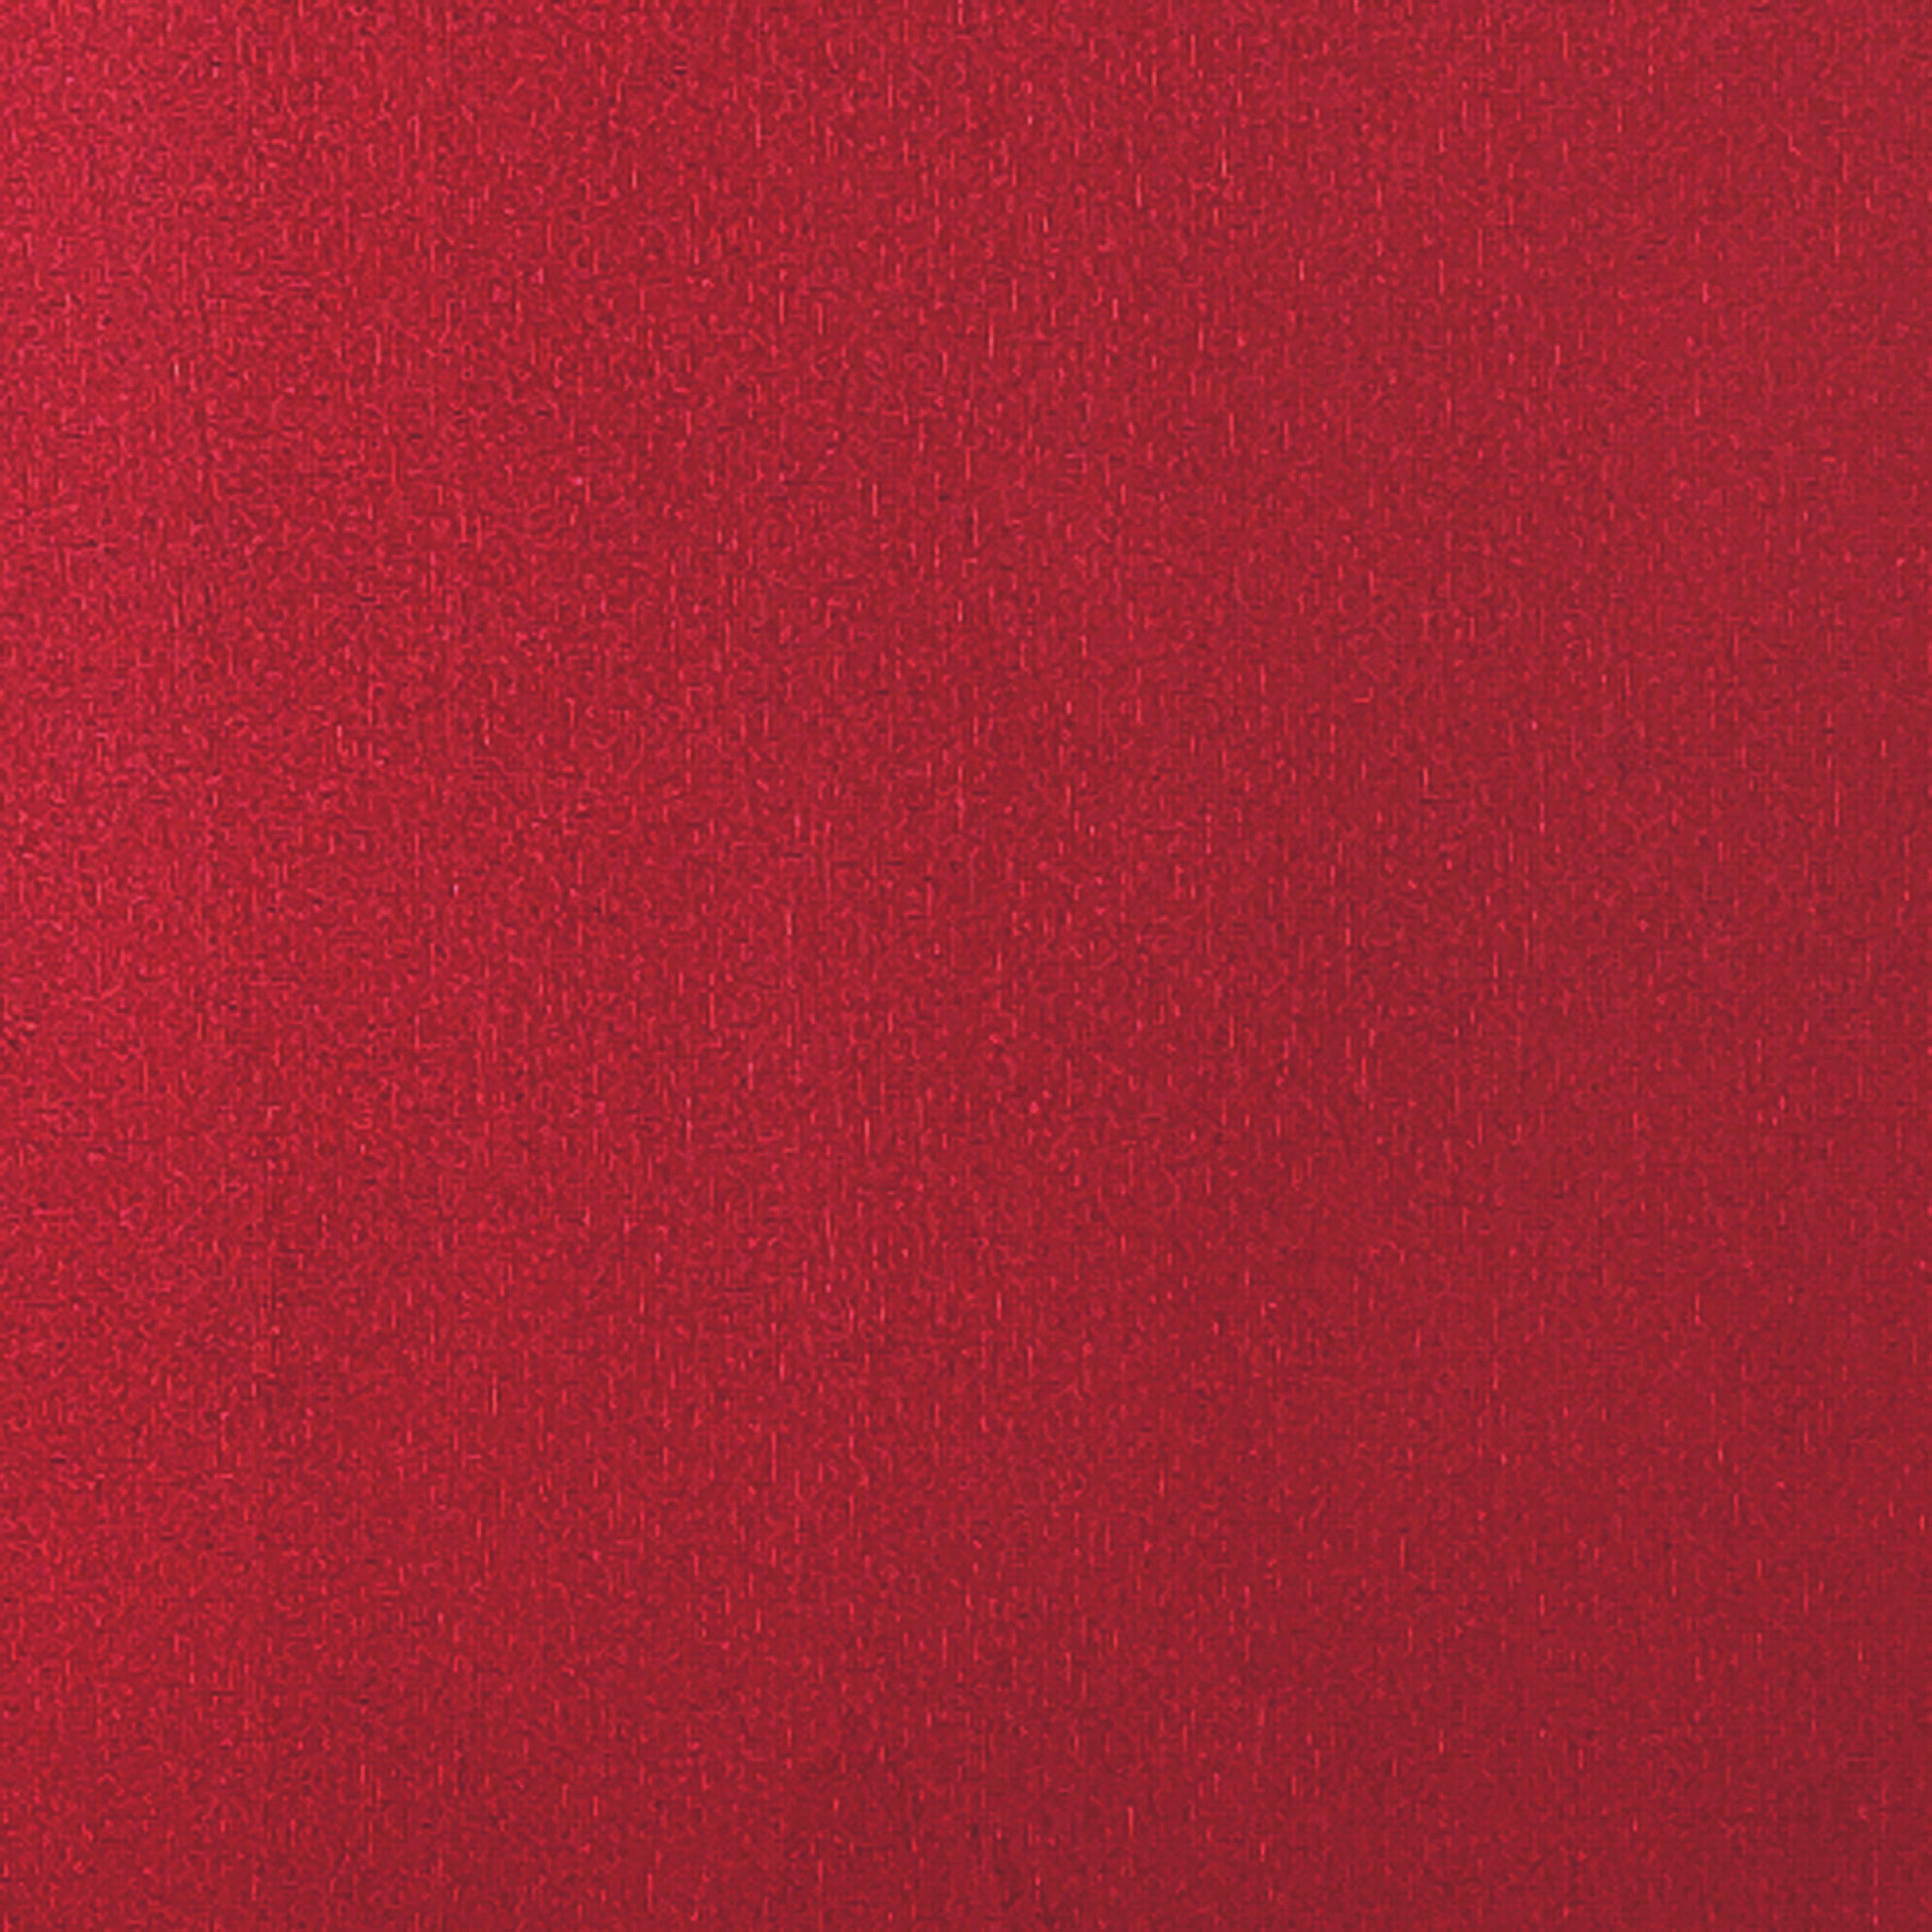 teinte rouge